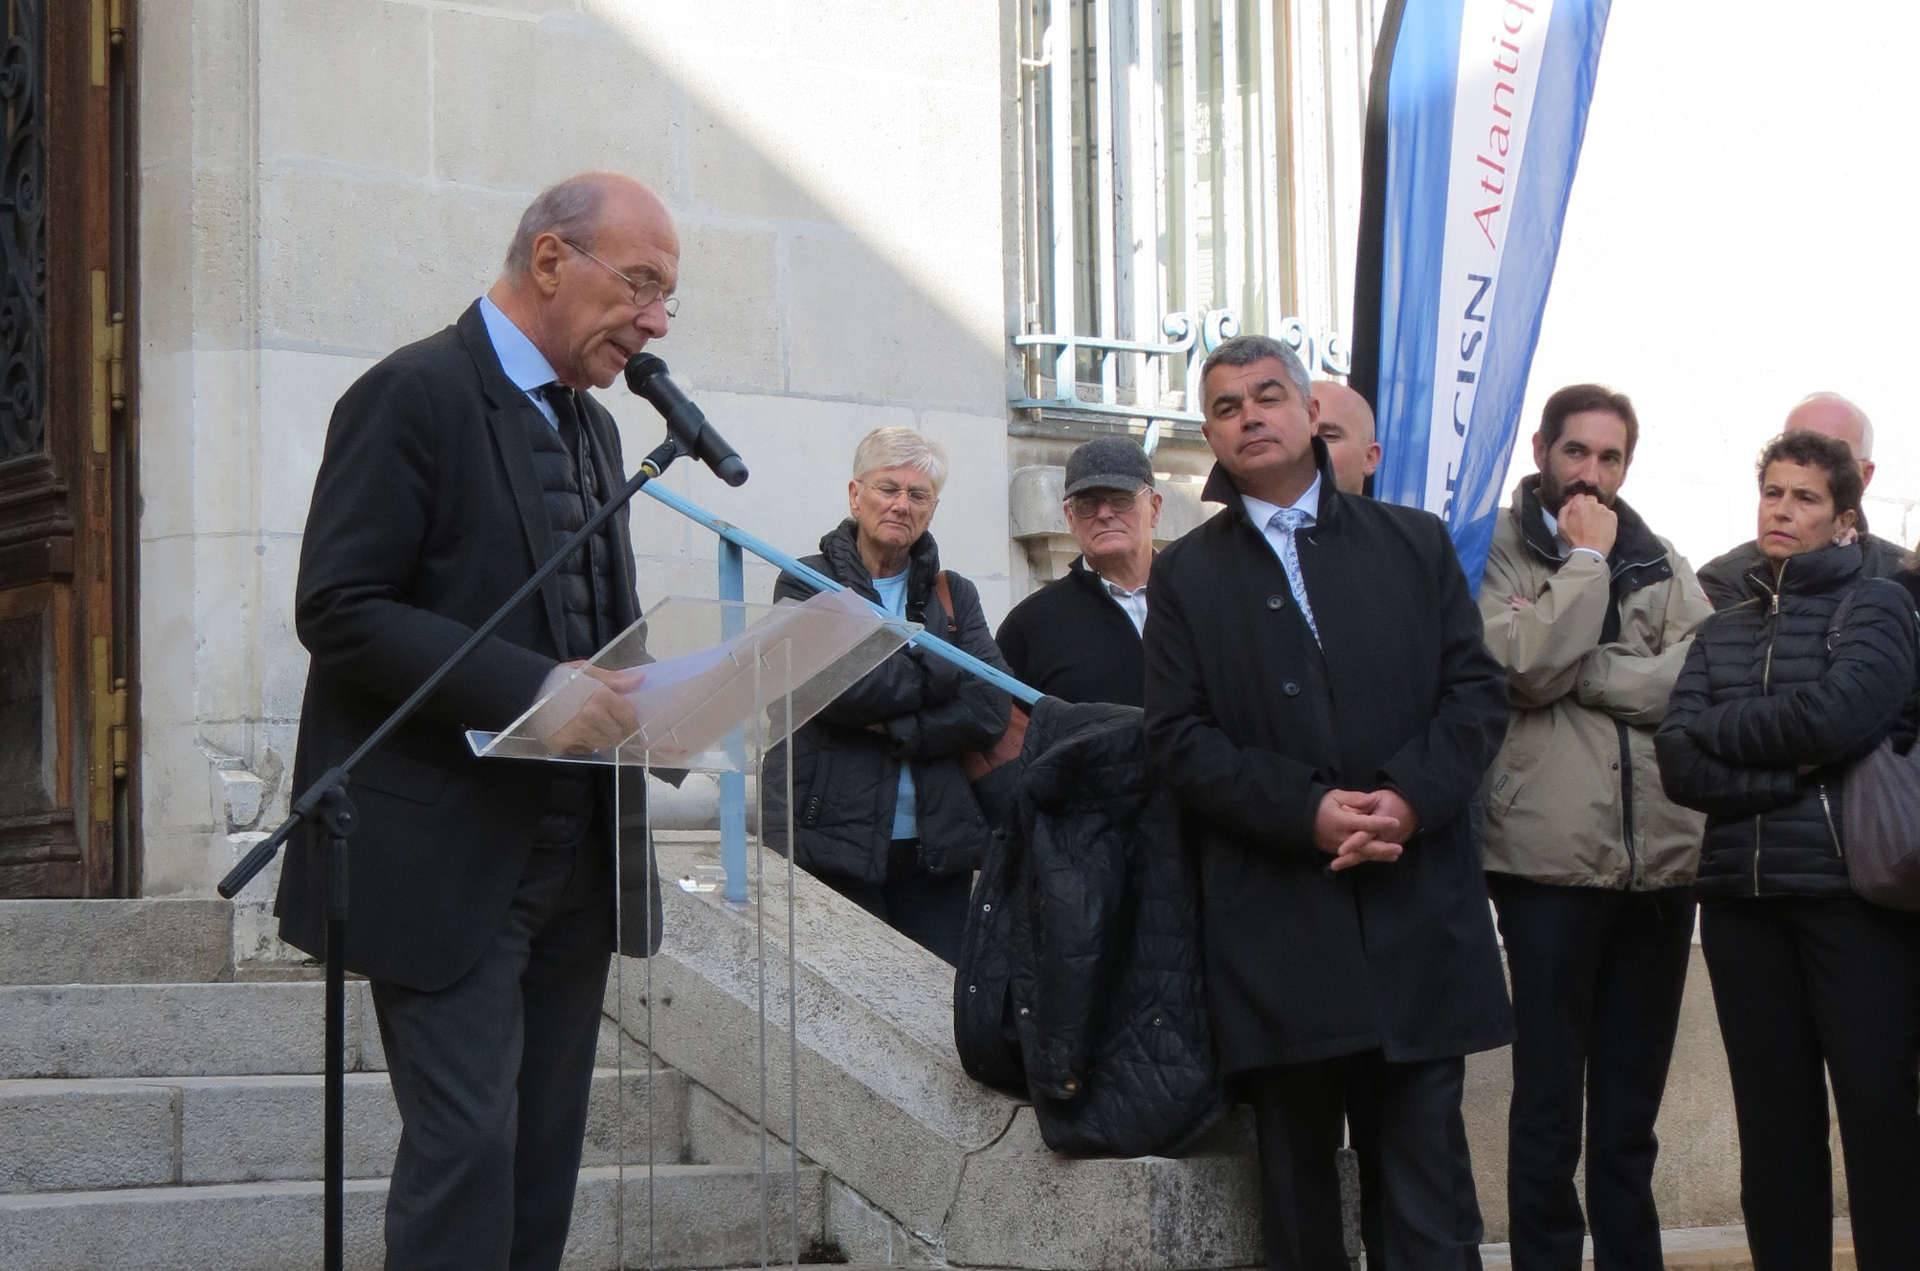 La Banque de France devient la résidence Les Balcons de Flore - CISNDébut des travaux de la résidence Les Balcons de Flore - CISN